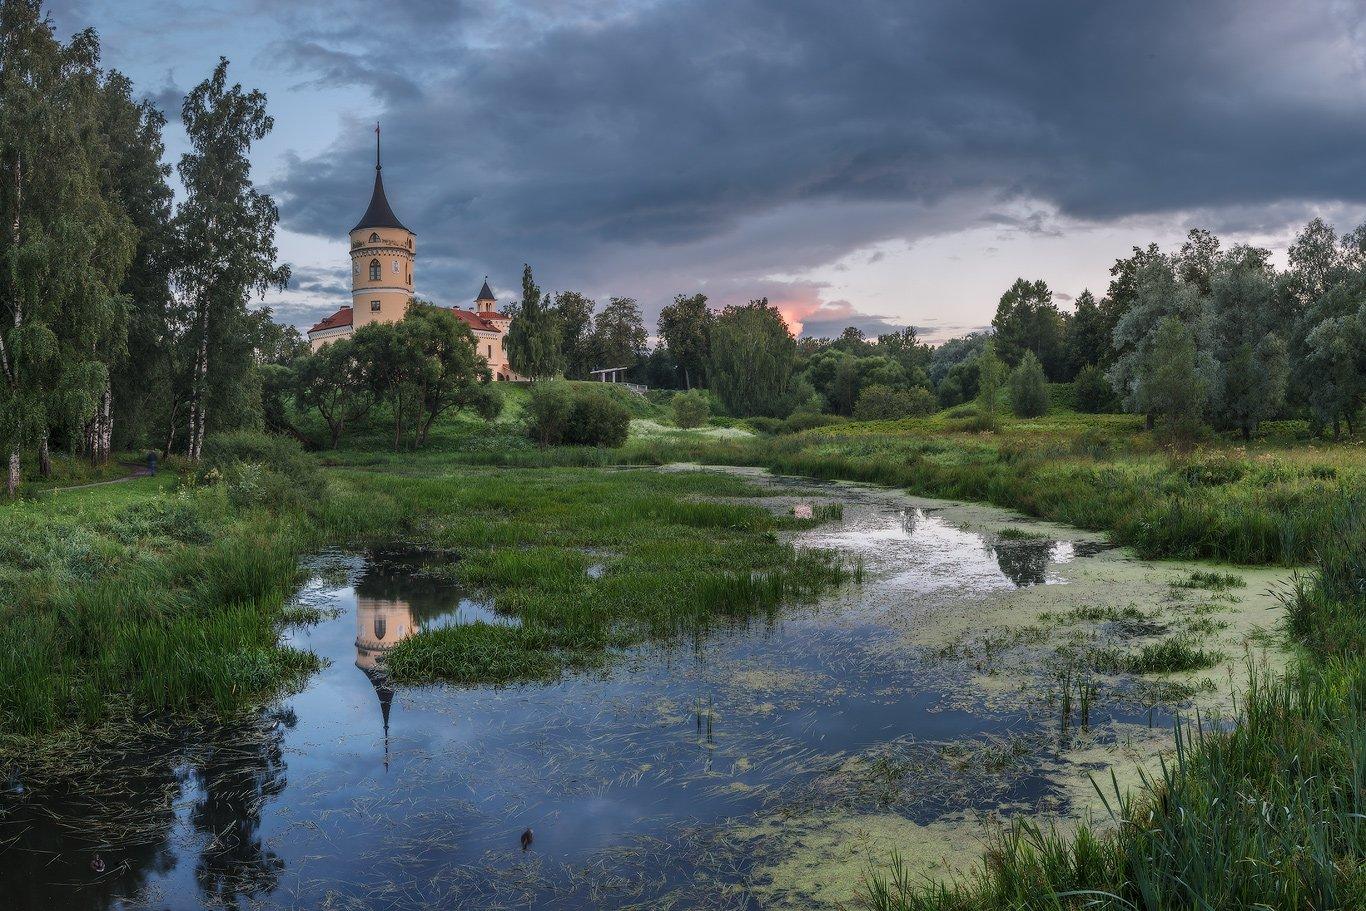 павловск, мариенталь, бип, лето, закат, панорама, Илья Штром